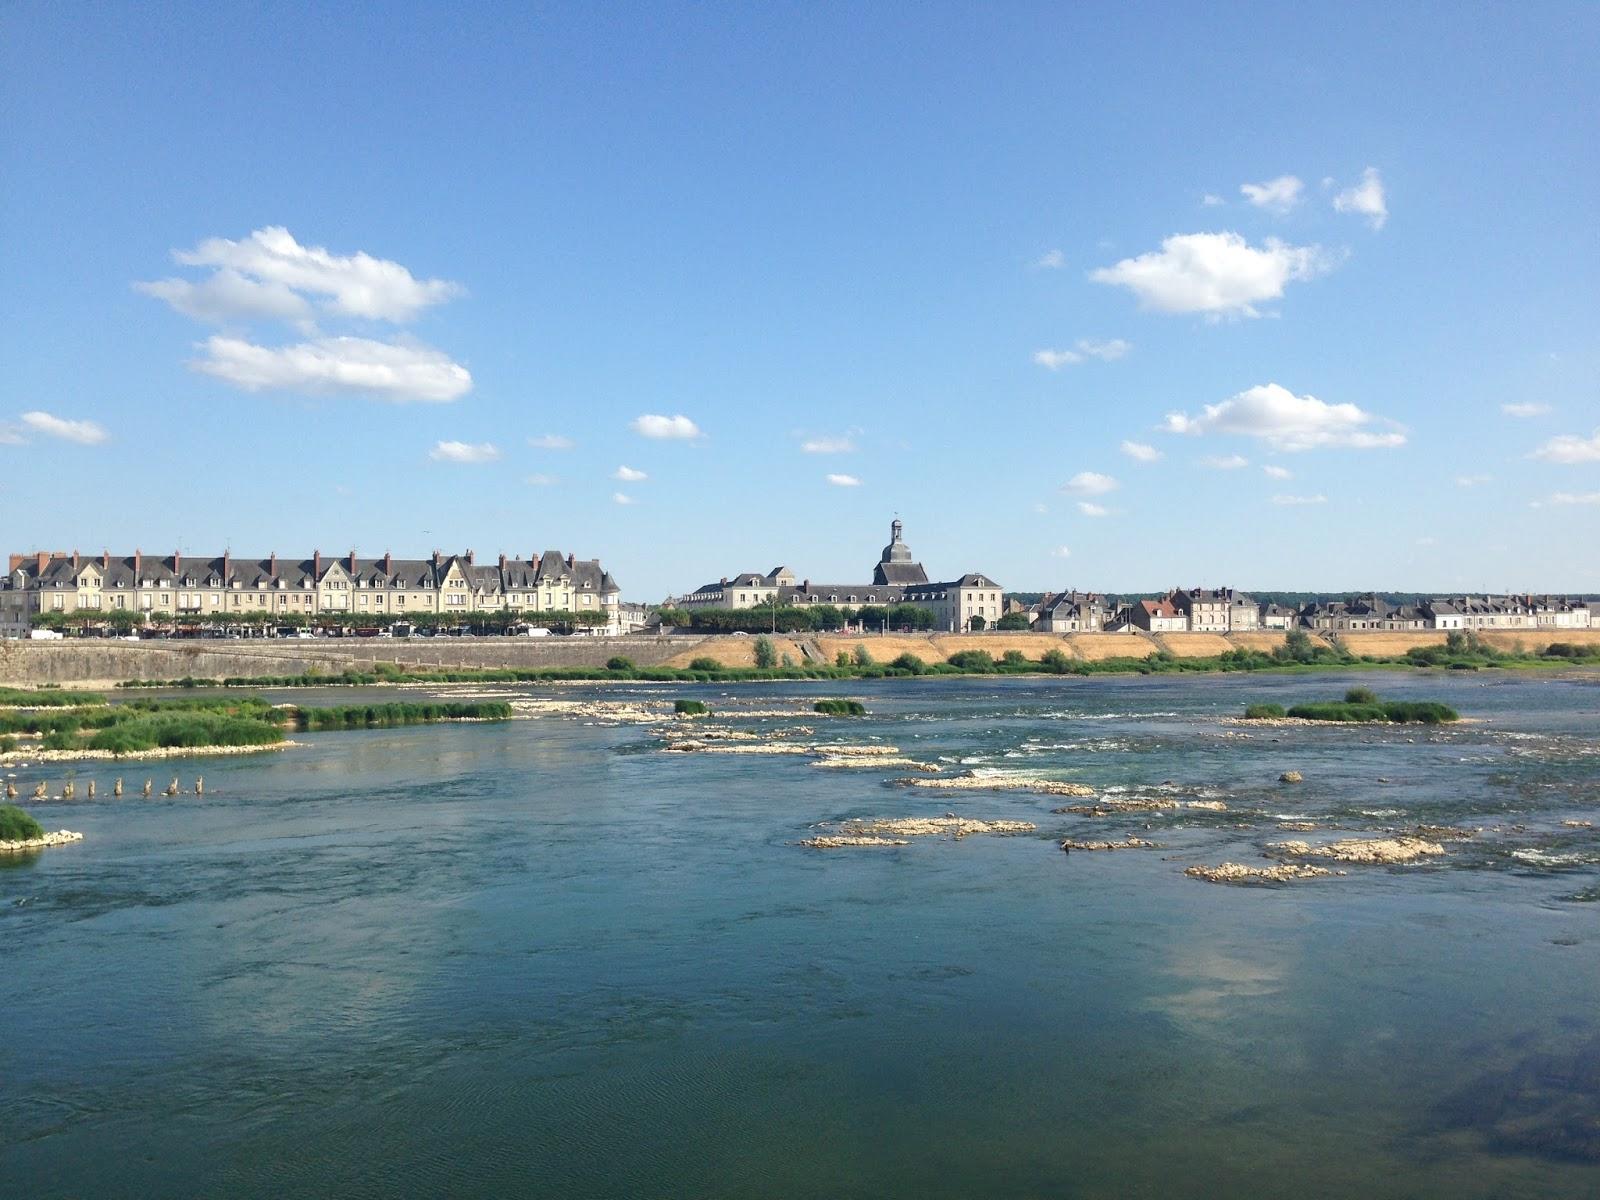 Blois, droga rowerowa nad Loarą